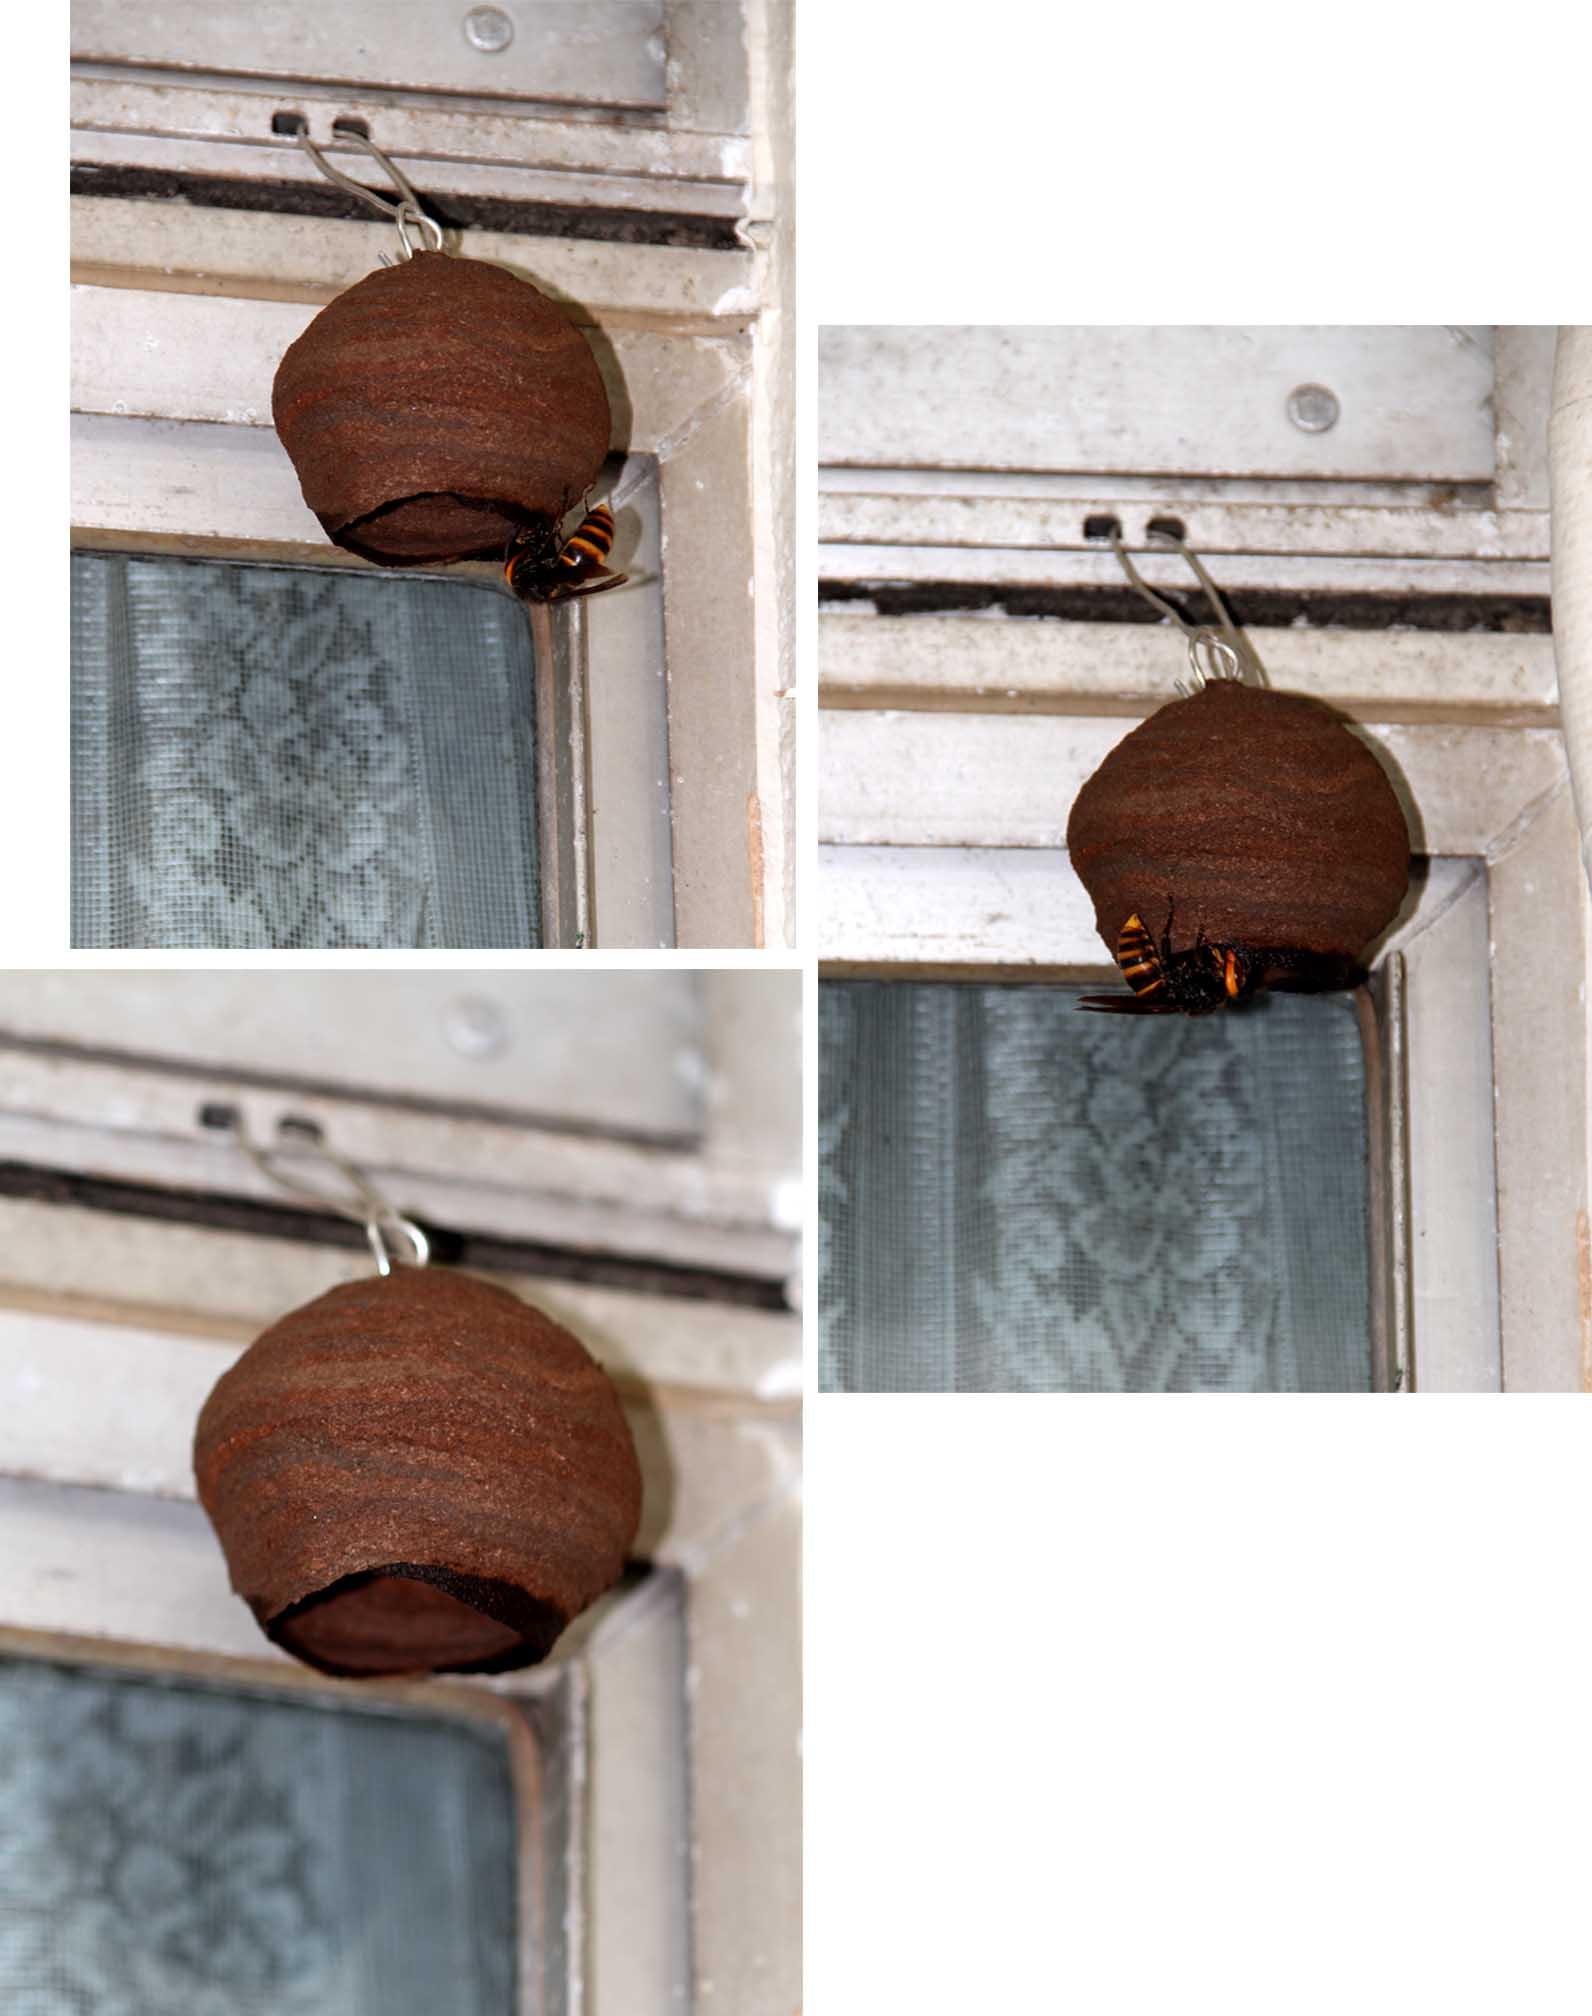 スズメバチの巣作り進行(3)